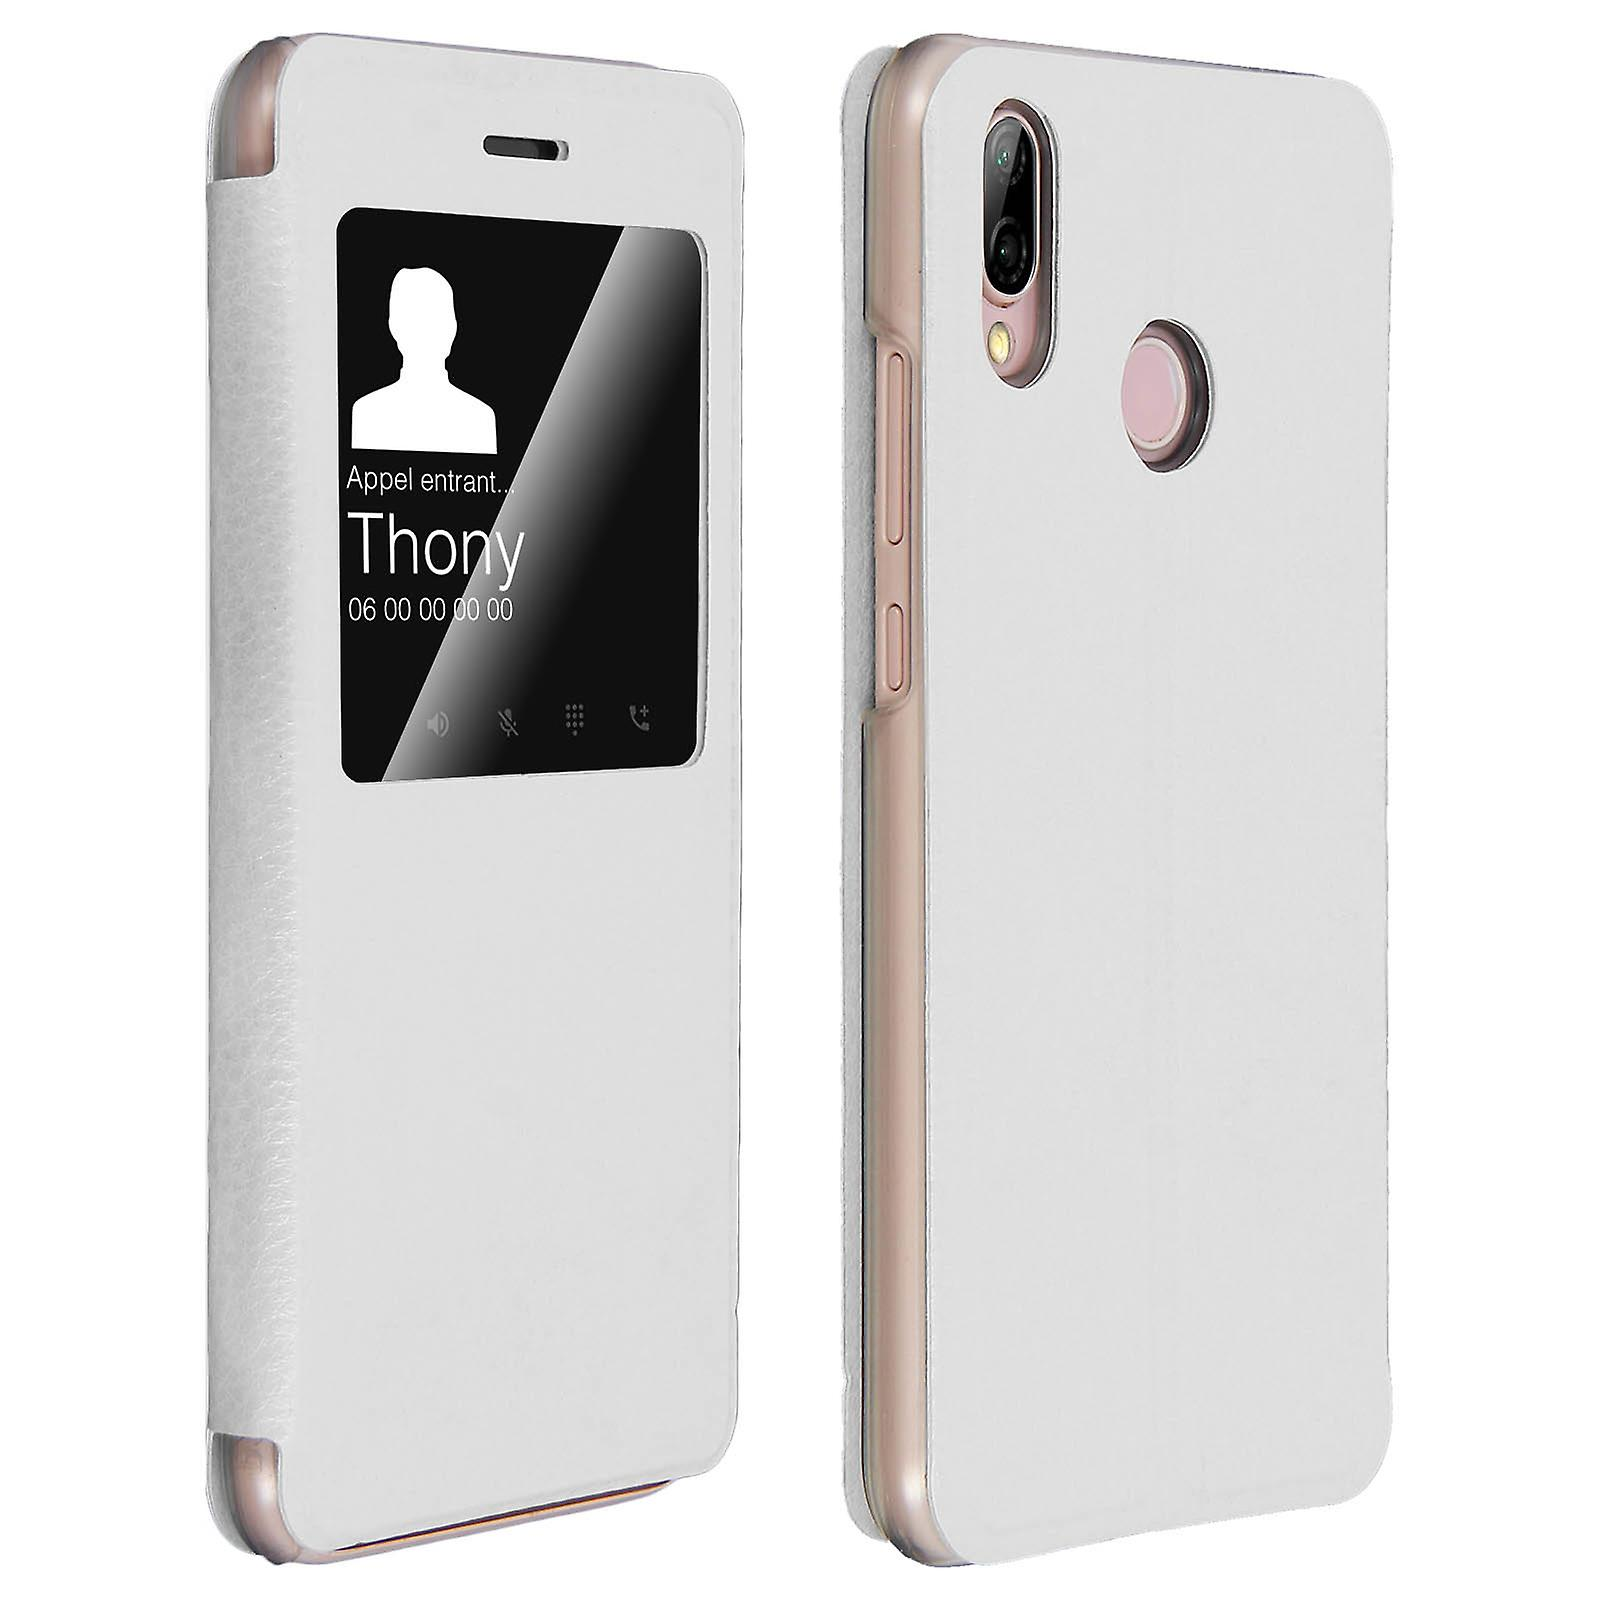 informazioni per ded23 24ec6 Intelligente Ansicht Fenster flip Case für Huawei P20 Lite, schlanke  Abdeckung - weiß